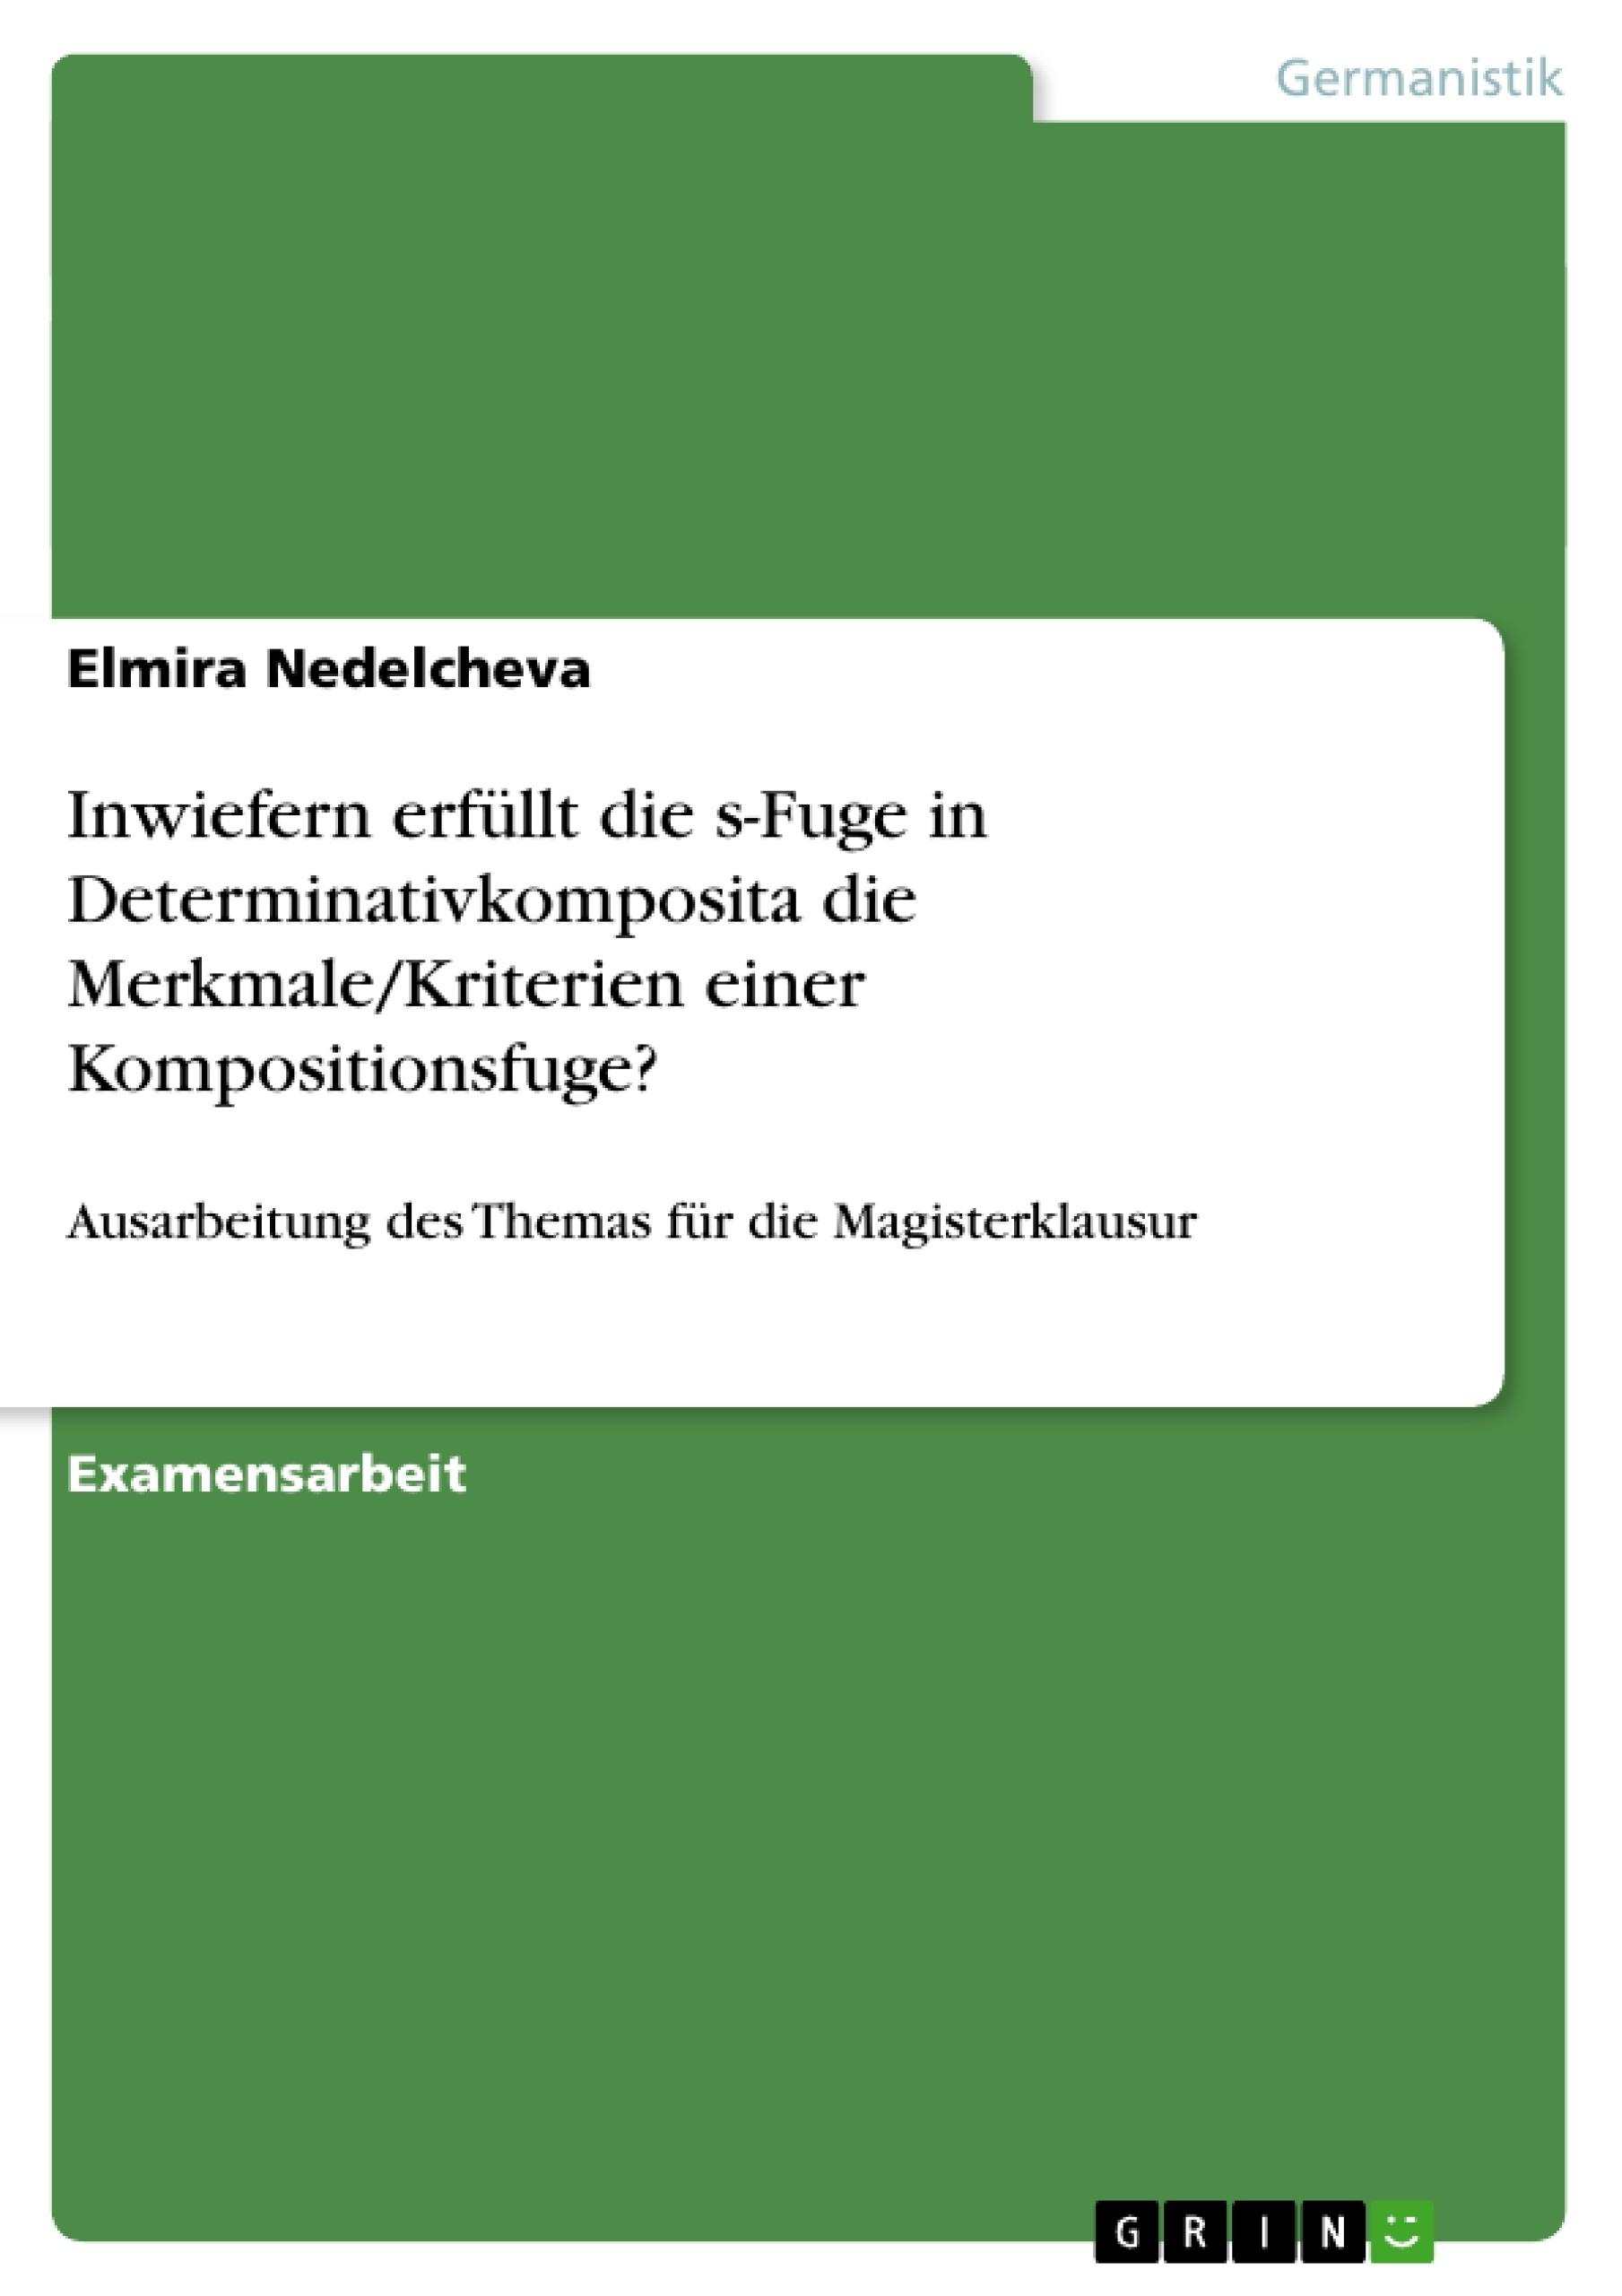 Titel: Inwiefern erfüllt die s-Fuge in Determinativkomposita die Merkmale/Kriterien einer Kompositionsfuge?